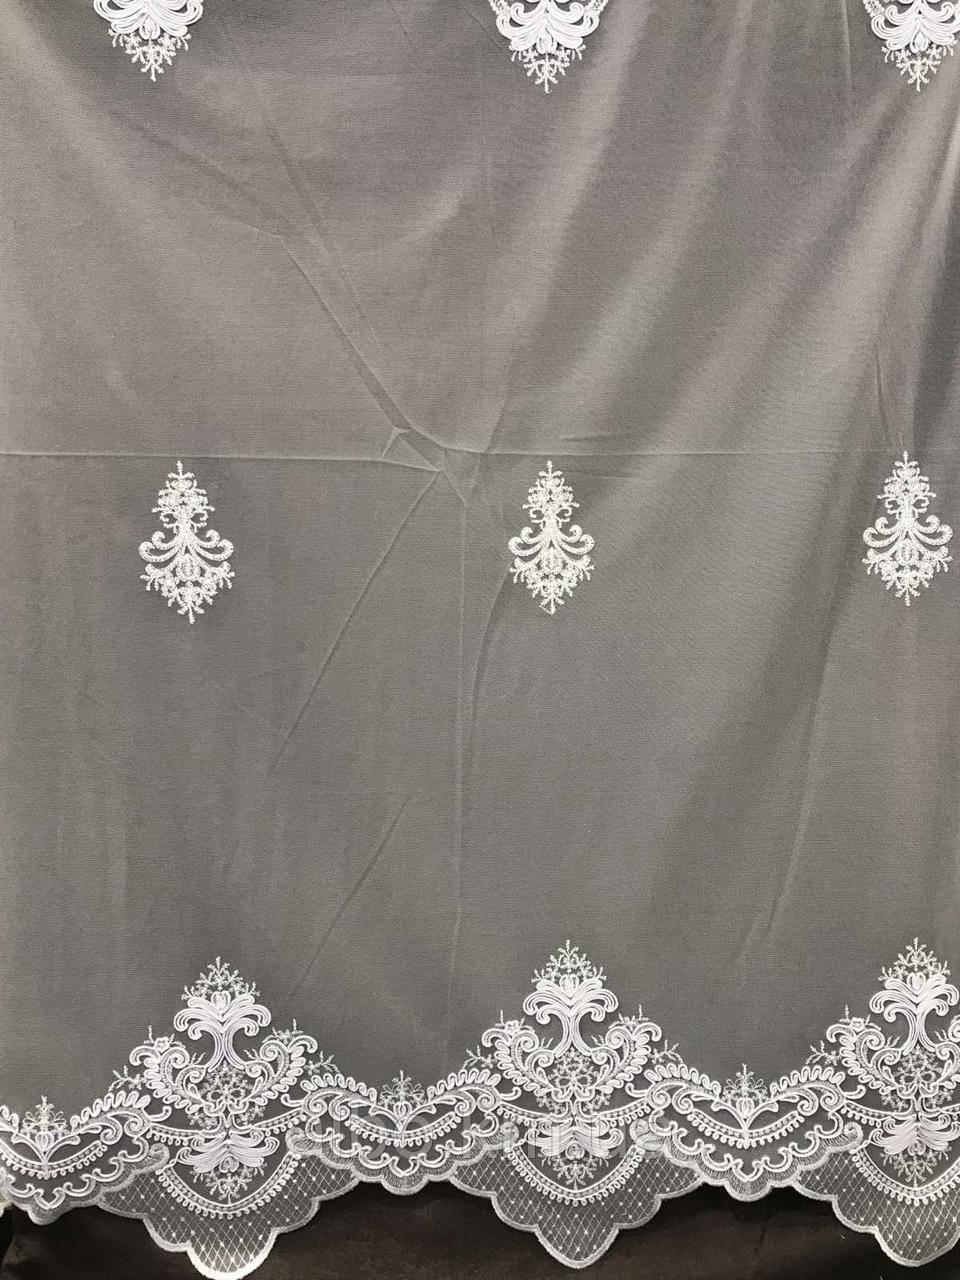 Елегантний  тюль з фатину з вишивкою білого кольору на метраж , висота 2.8 м(12013)